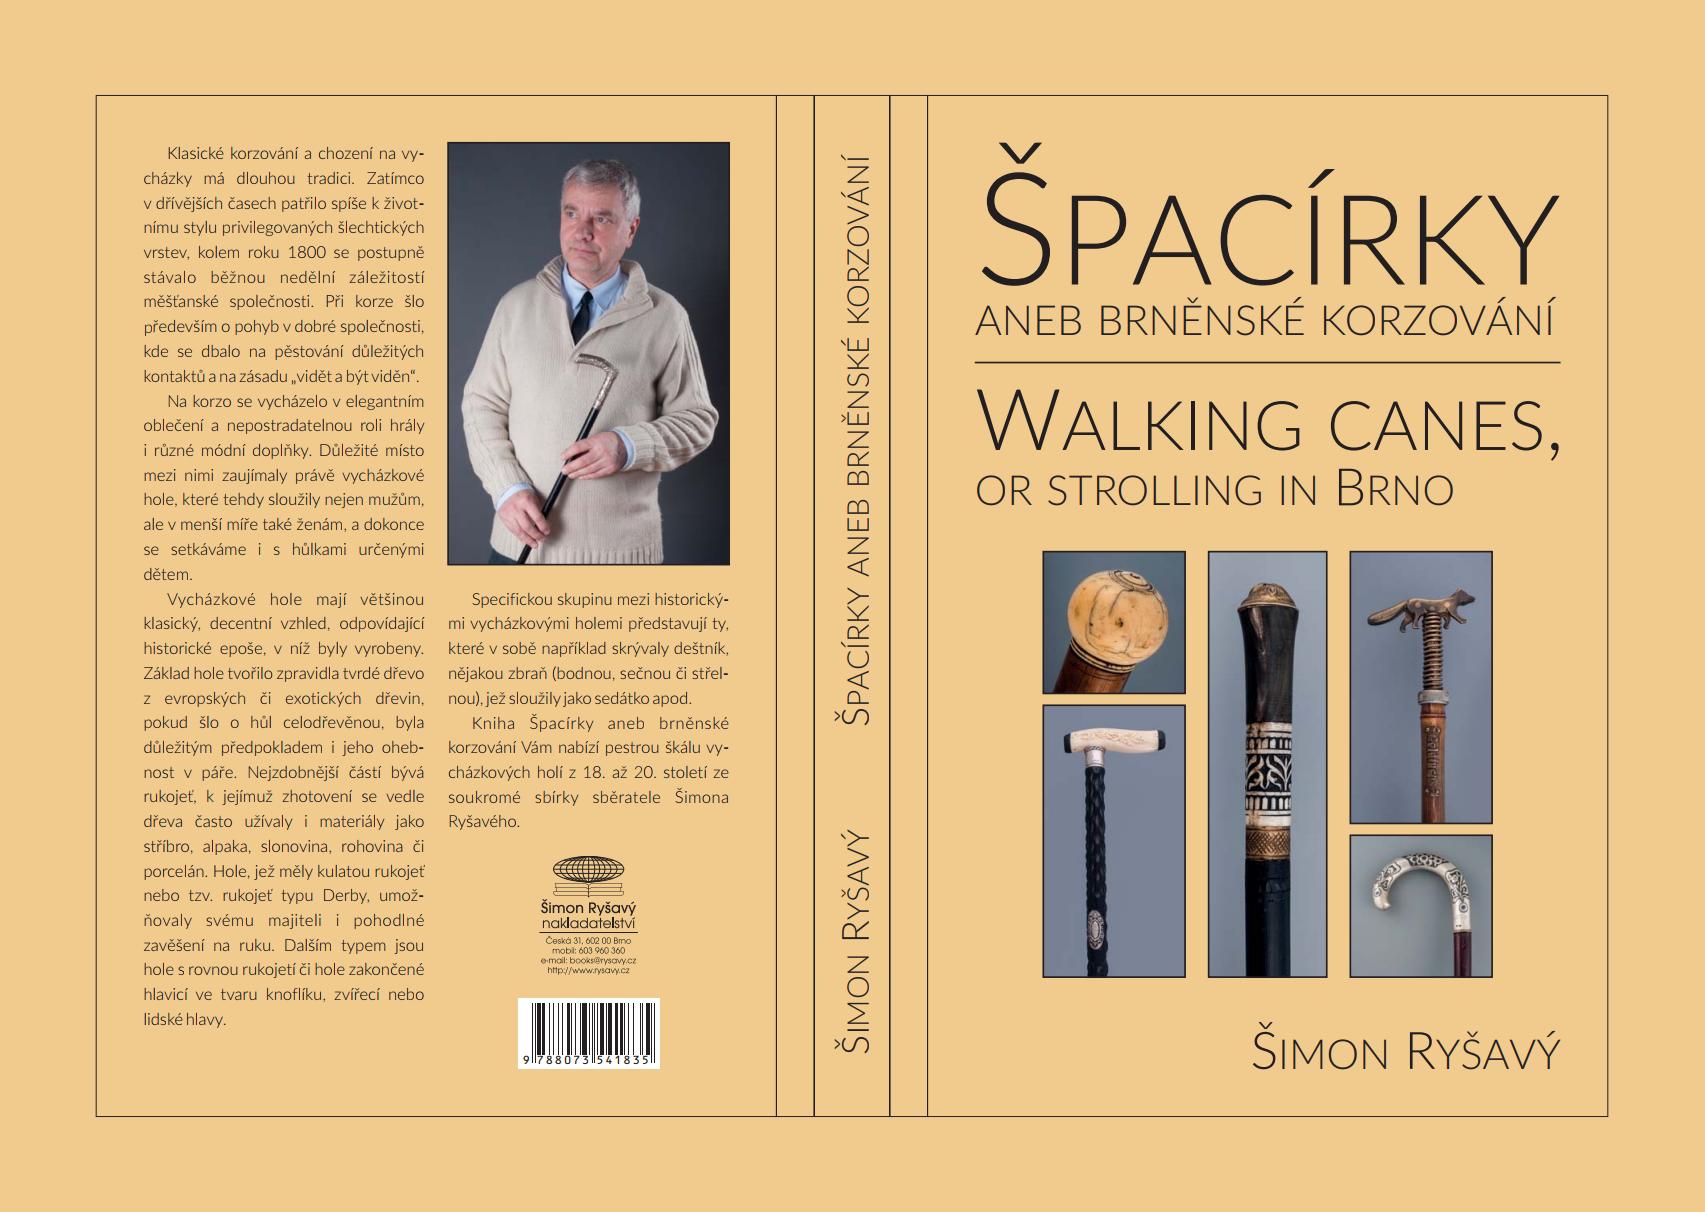 ŠPACÍRKY aneb brněnské korzování - WALKING KANES, or strolling in Brno